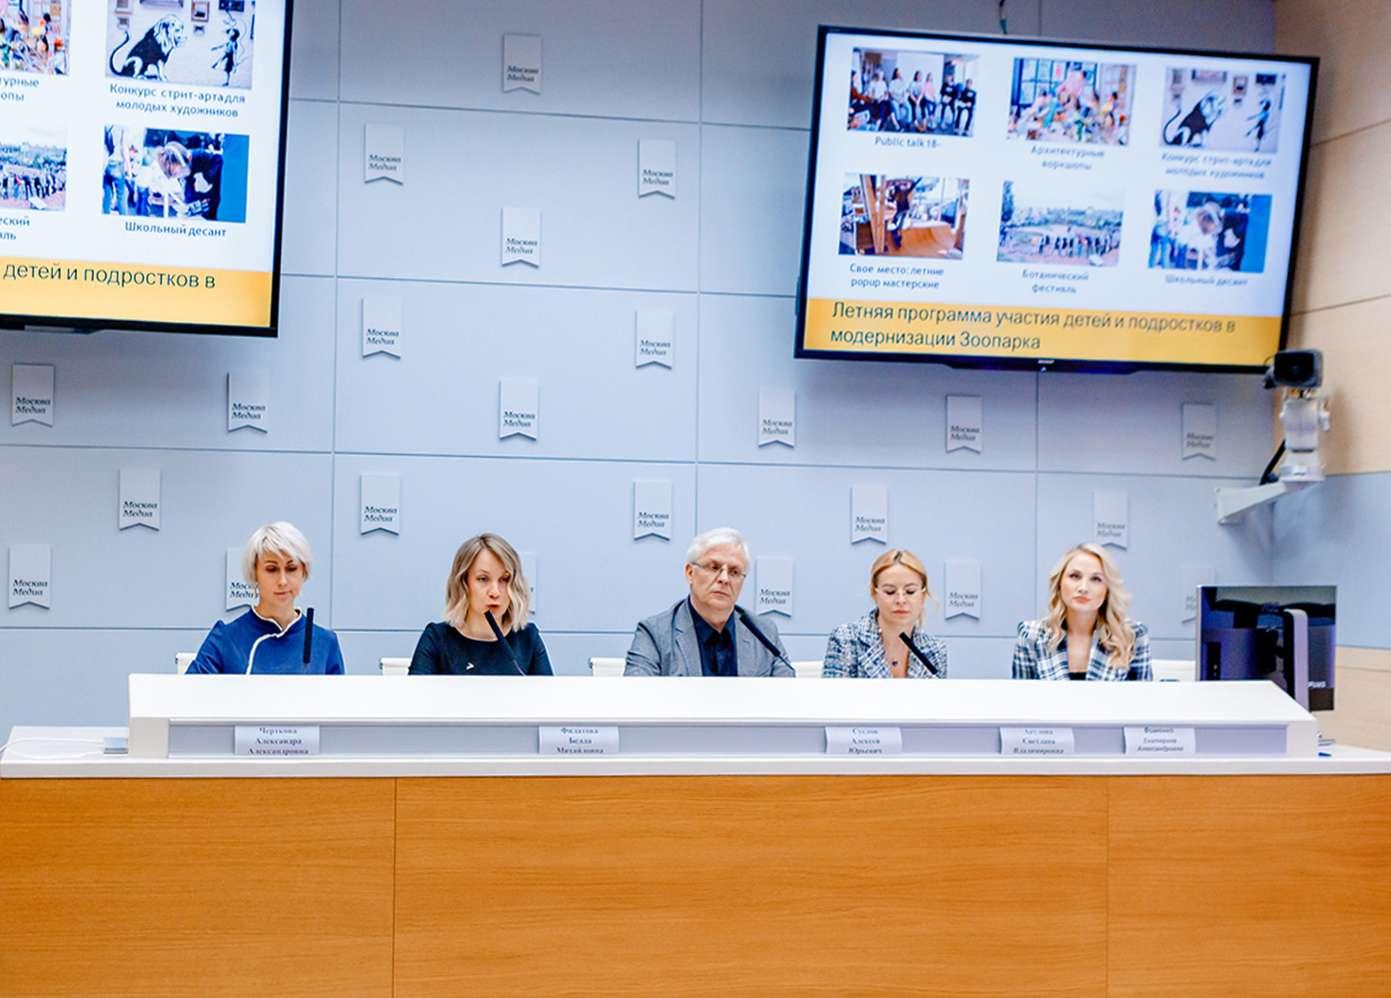 Пресс-конференция, посвященная подготовке Московского зоопарка к Международной конференции Всемирной ассоциации зоопарков и аквариумов (WAZA)